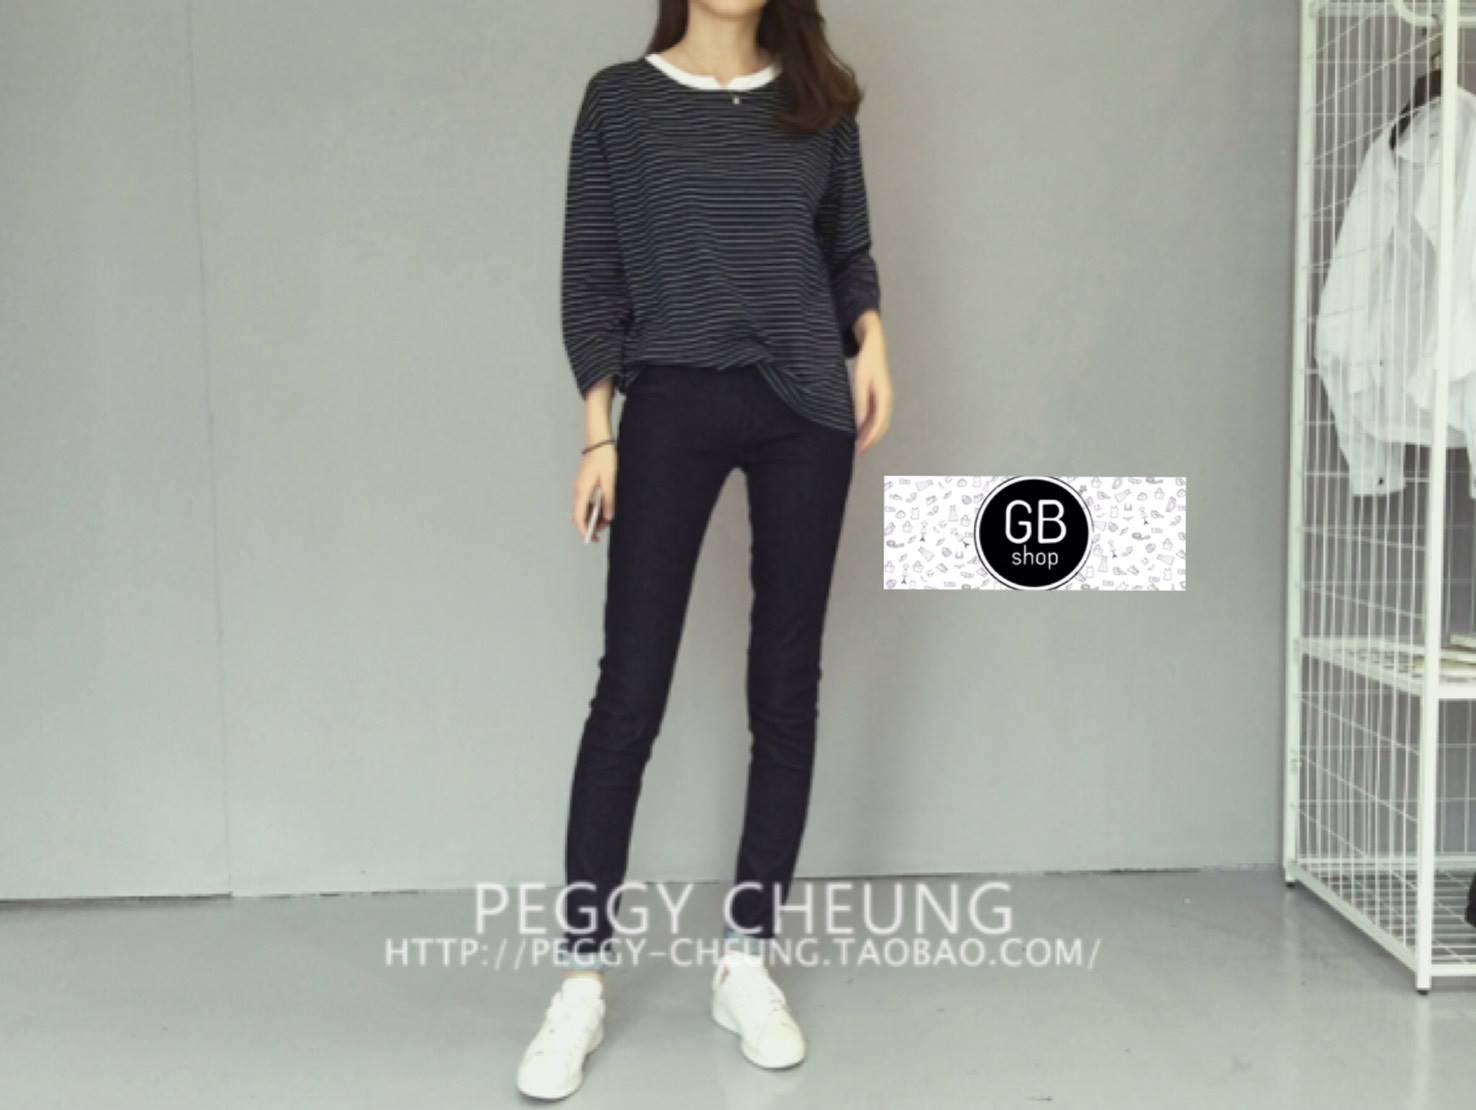 เสื้อผ้าแฟชั่นเกาหลีพร้อมส่ง Set 2 ชิ้น เสื้อ+กางเกง